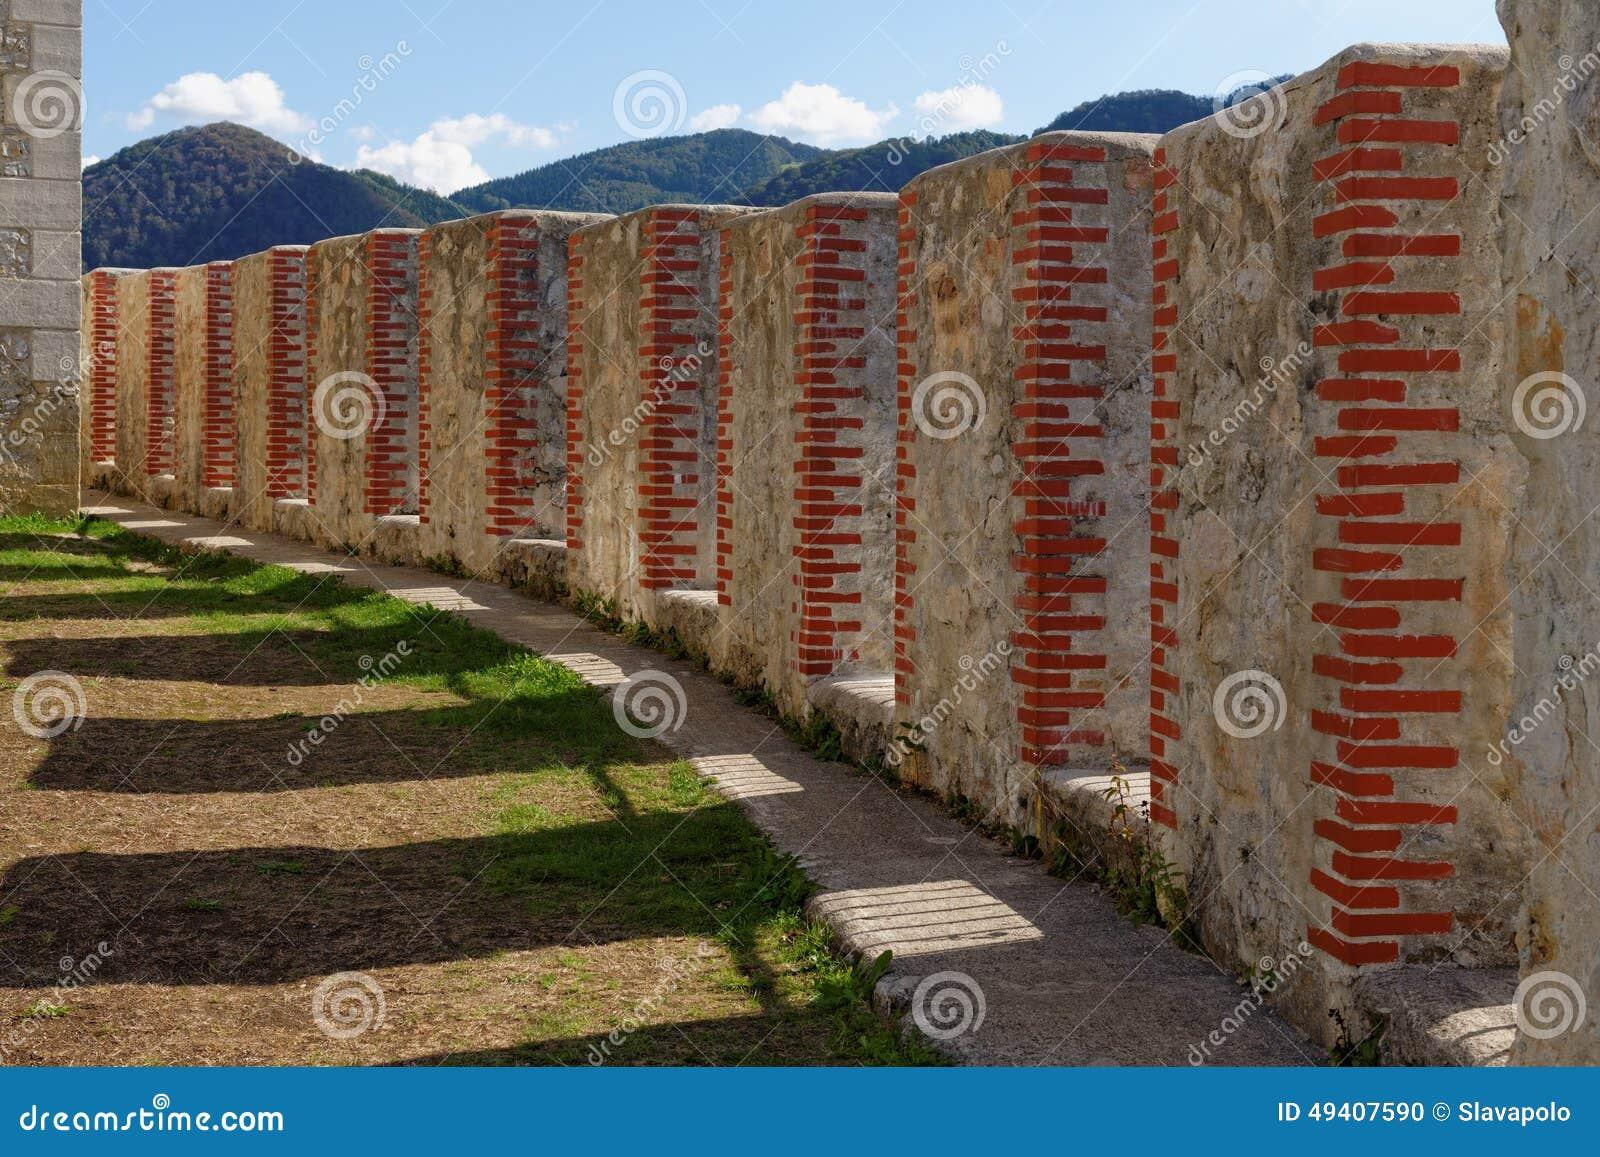 Download Konvergierende Crenelations Mittelalterlichen Schlosses Celje In Slowenien Stockfoto - Bild von verstärkung, galerie: 49407590